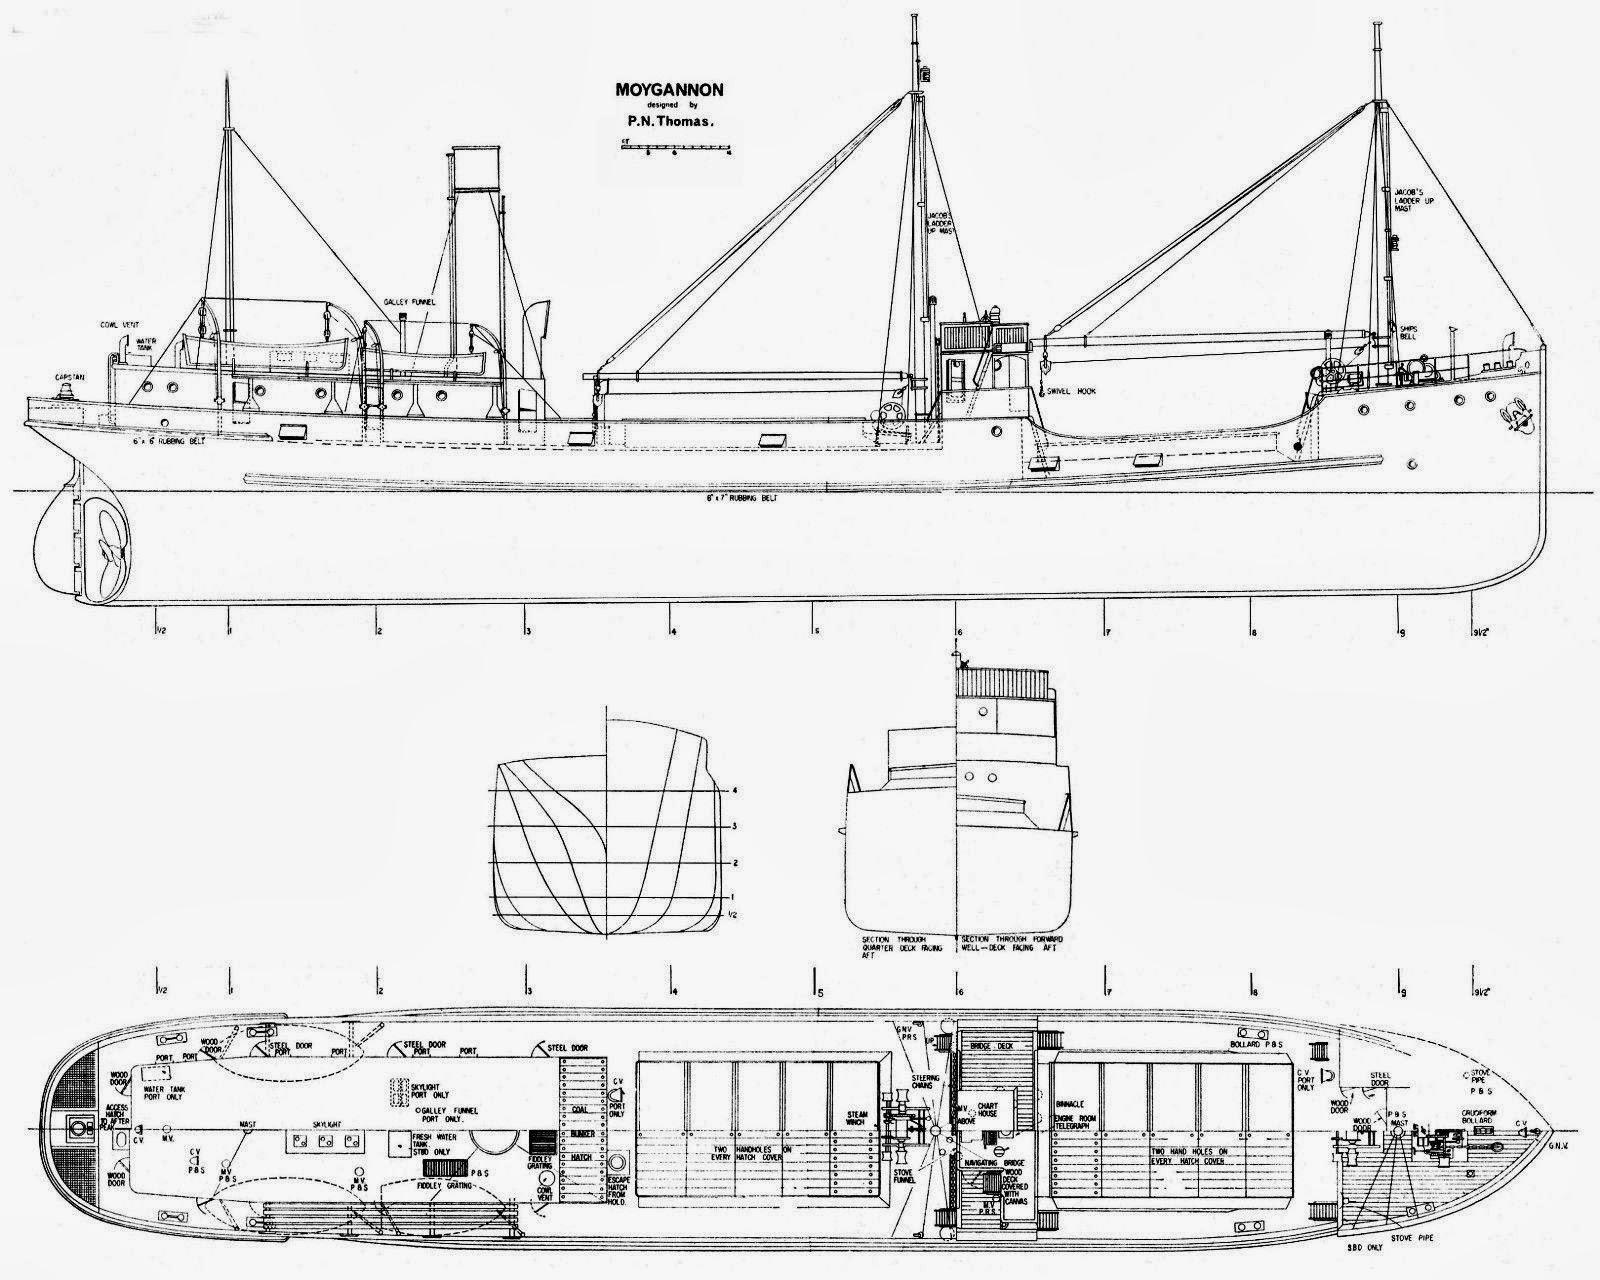 Bonny Musings Raised Quarterdeck Steamer